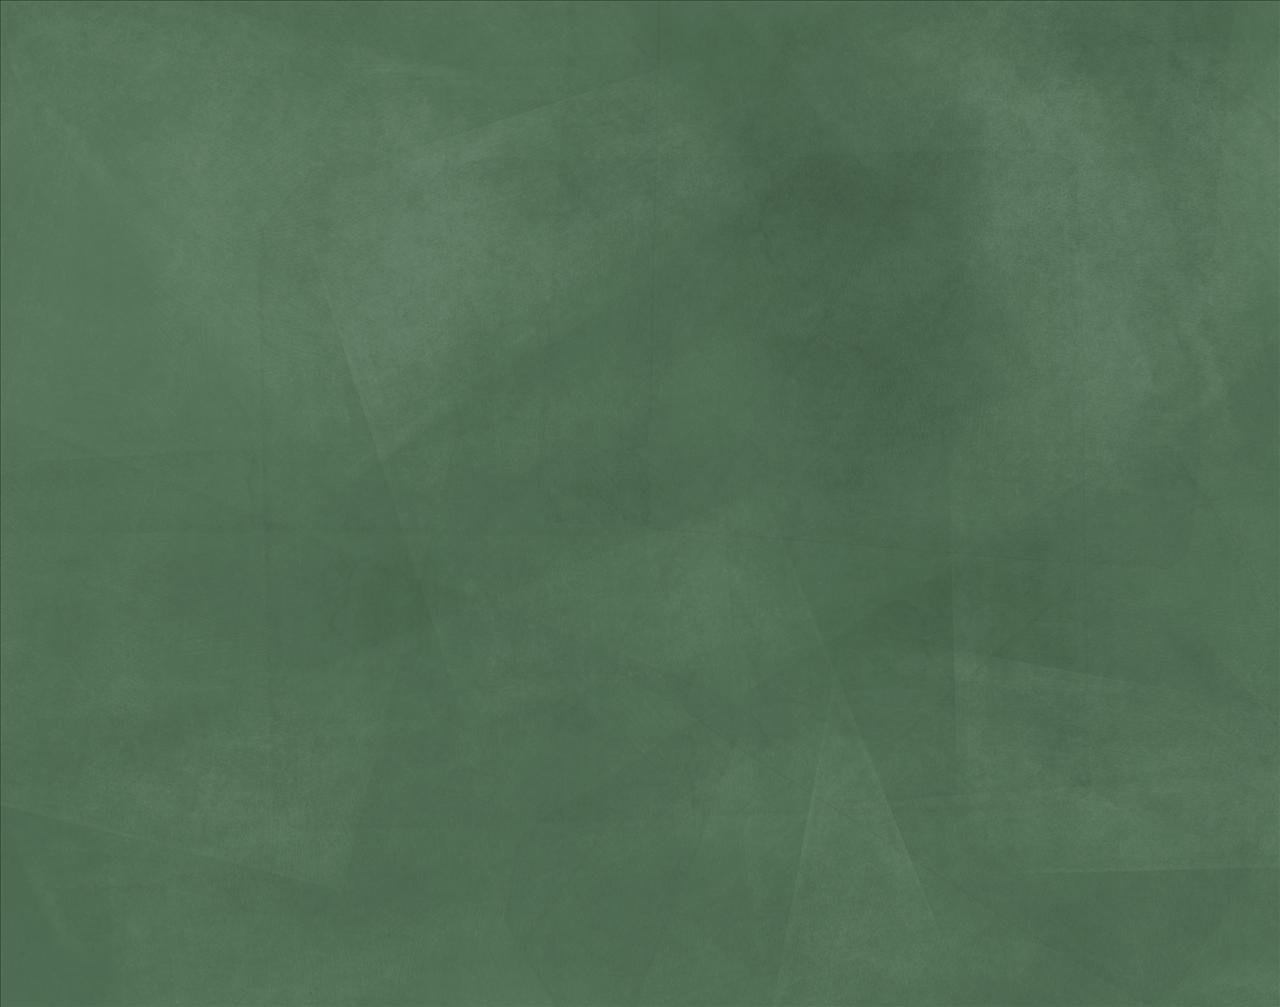 Fall Schoolhouse Wallpaper Chalkboard Backgrounds Free Download Pixelstalk Net